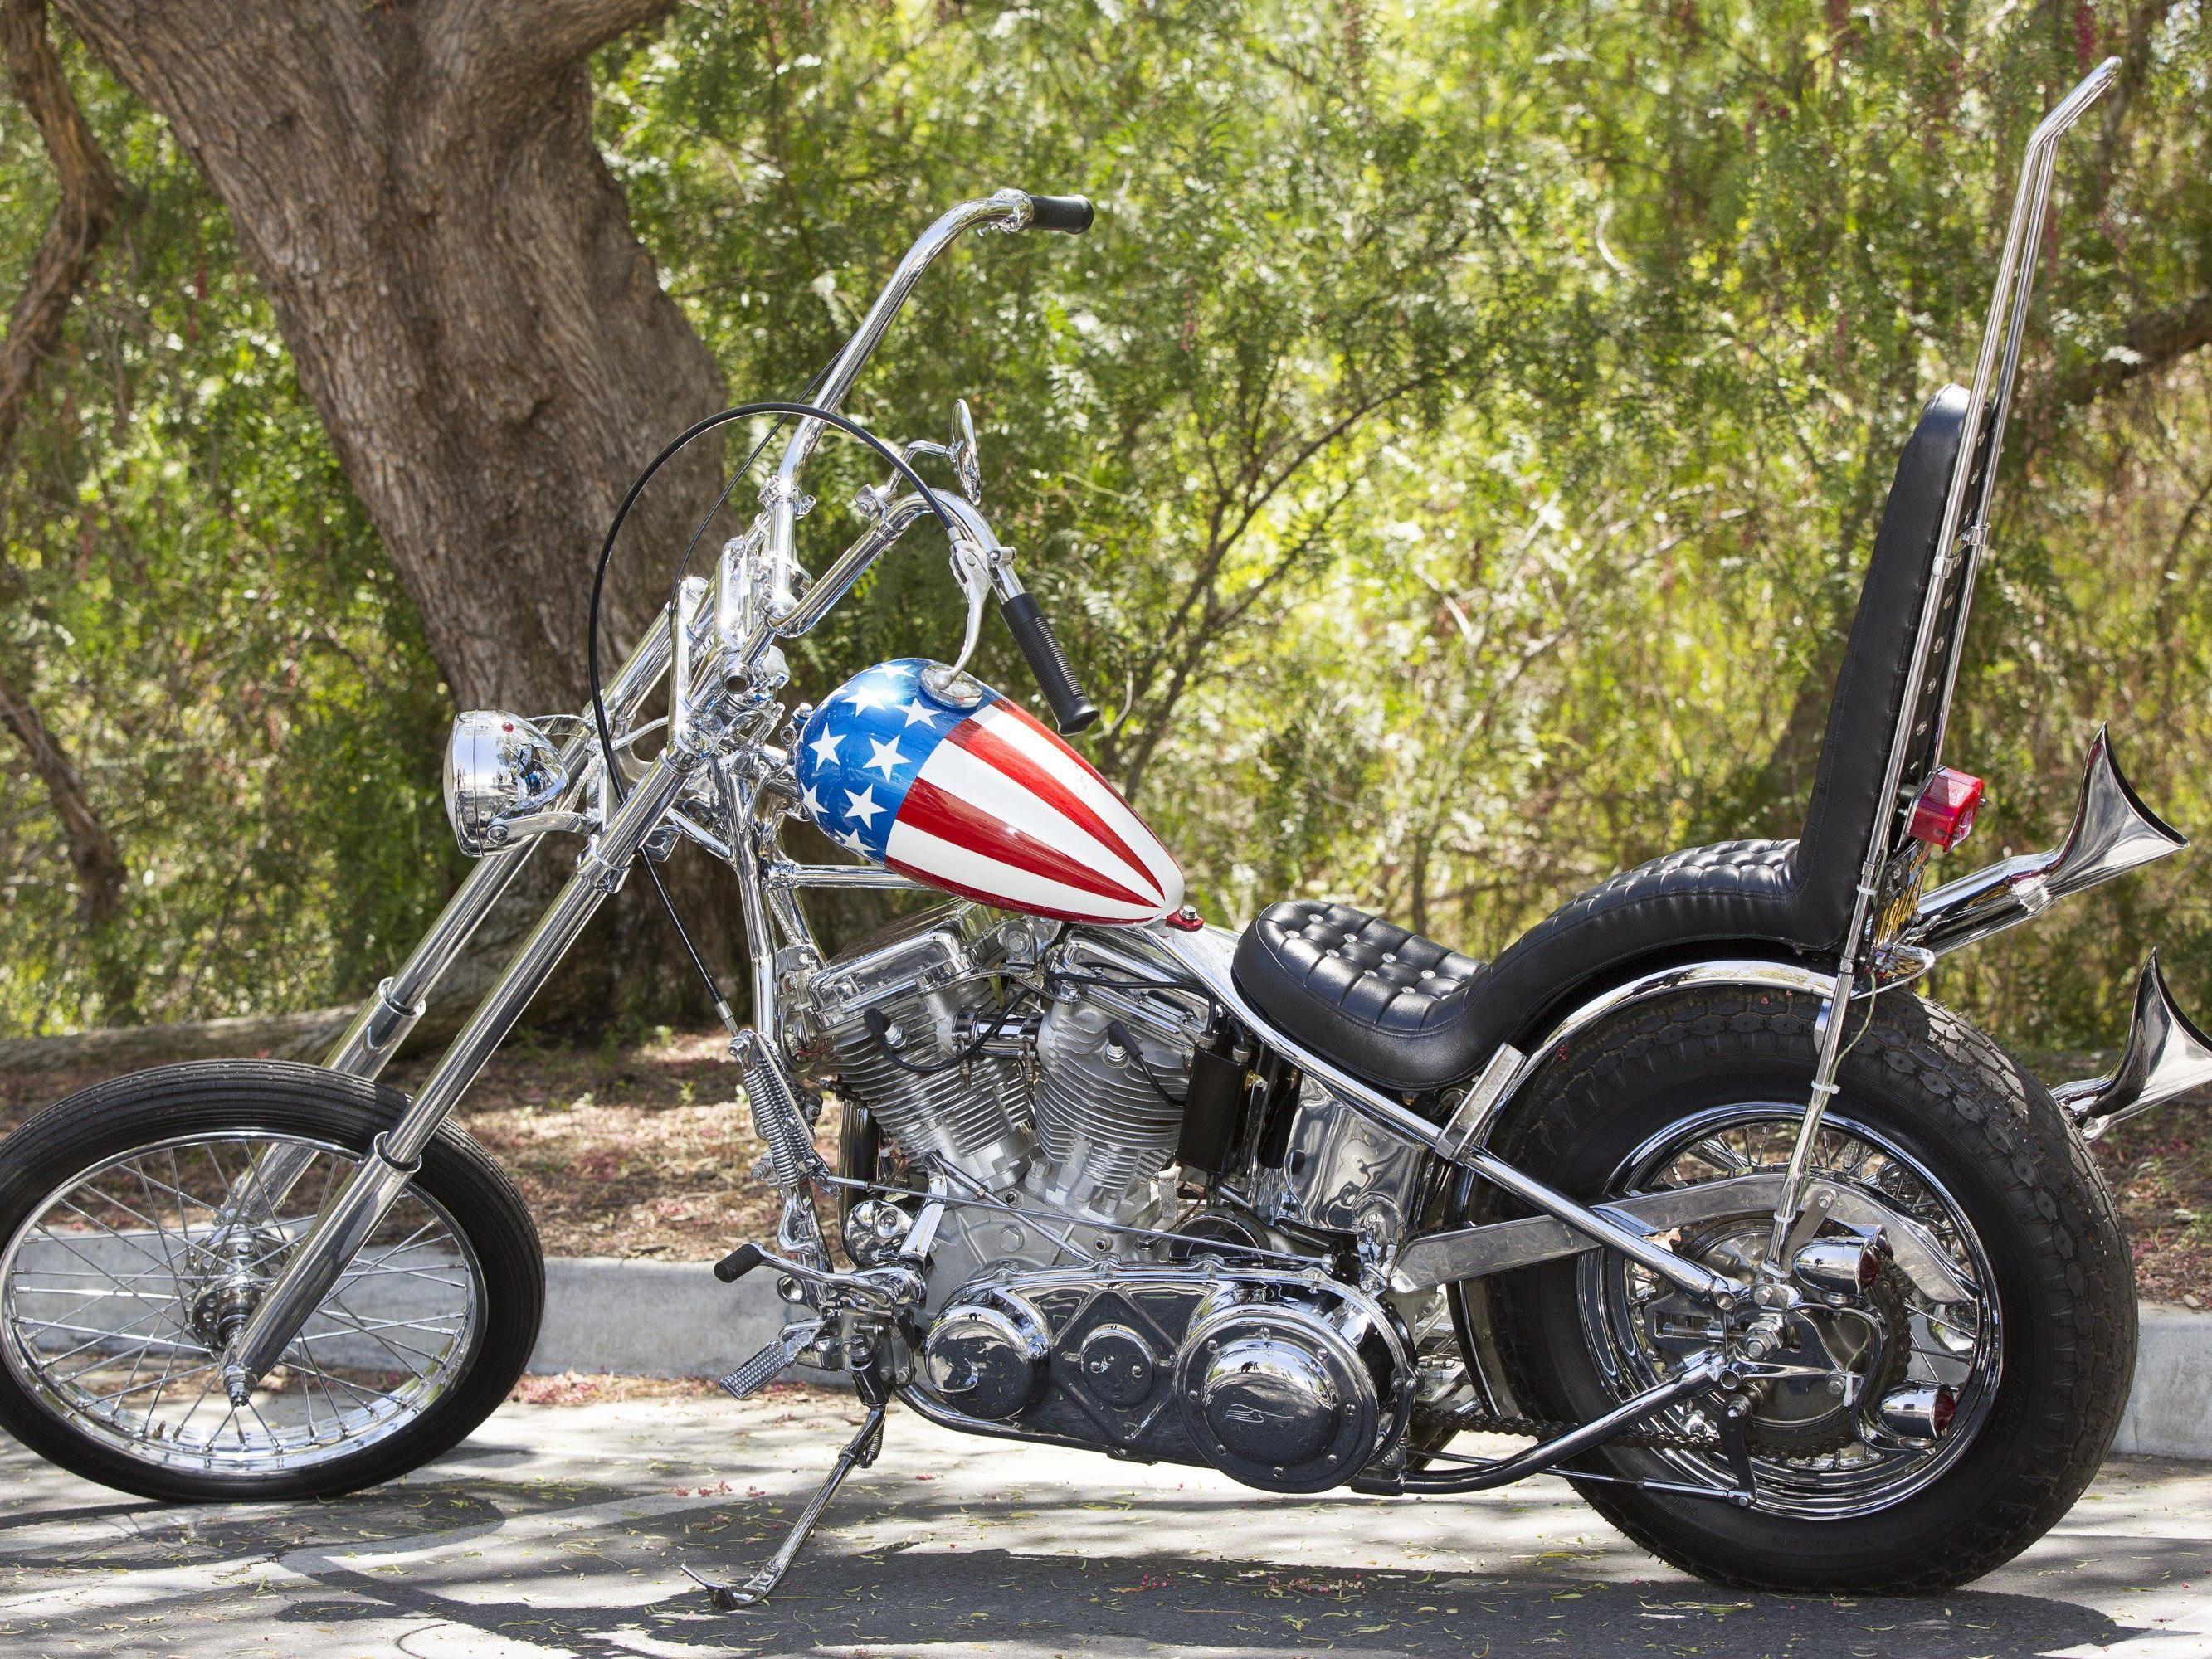 1,35 Mio. Dollar für die Harley Davidson.